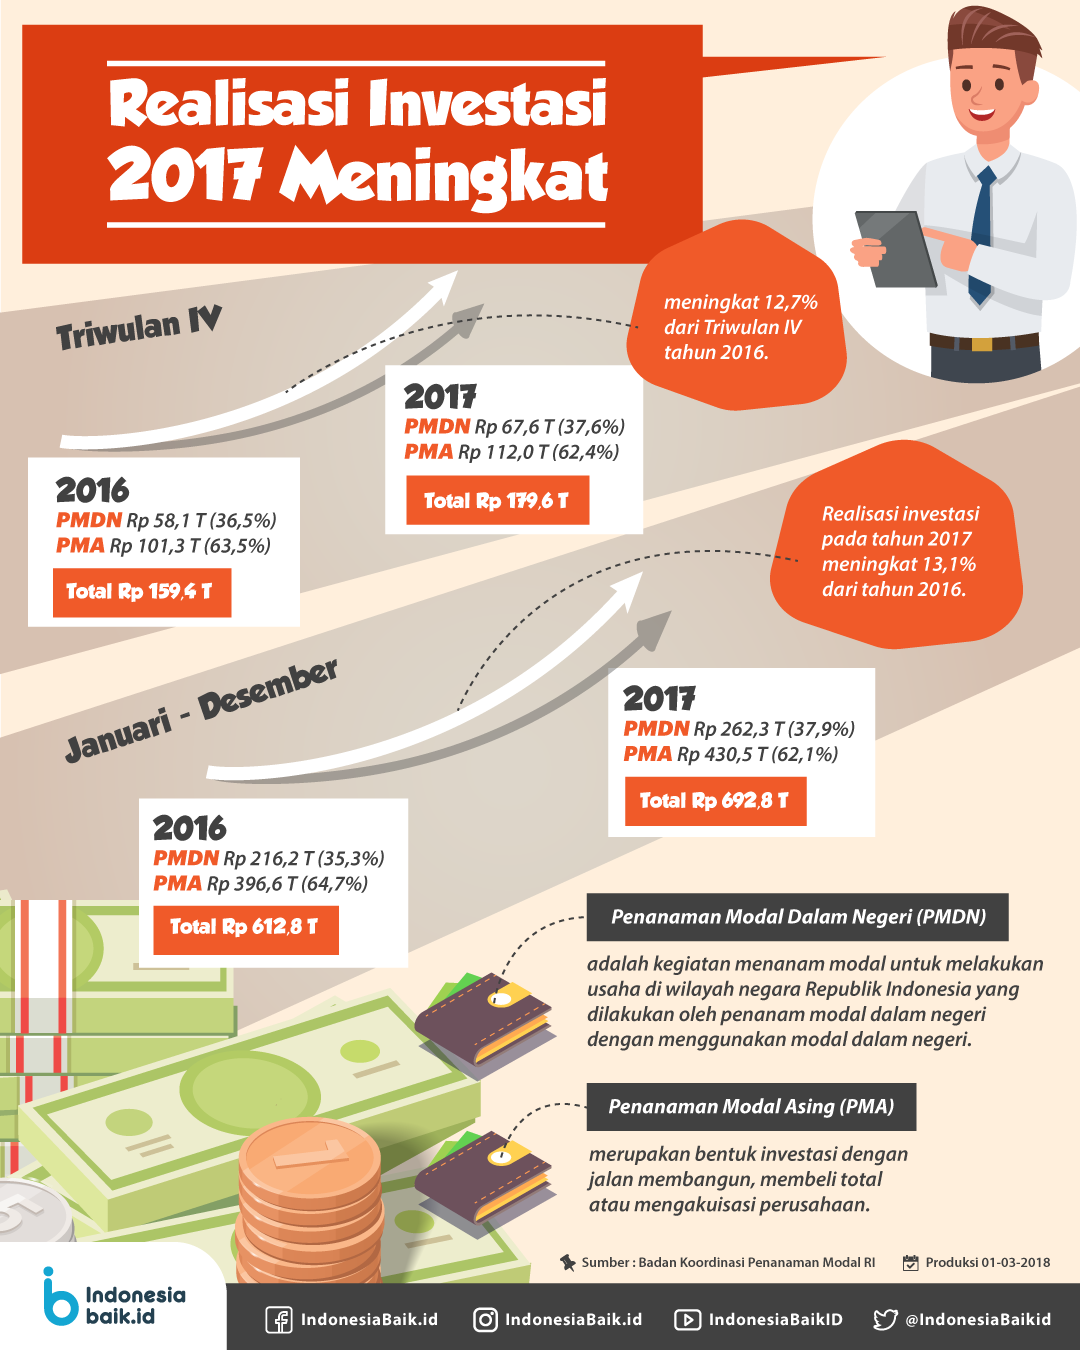 Realisasi Investasi 2017 Meningkat